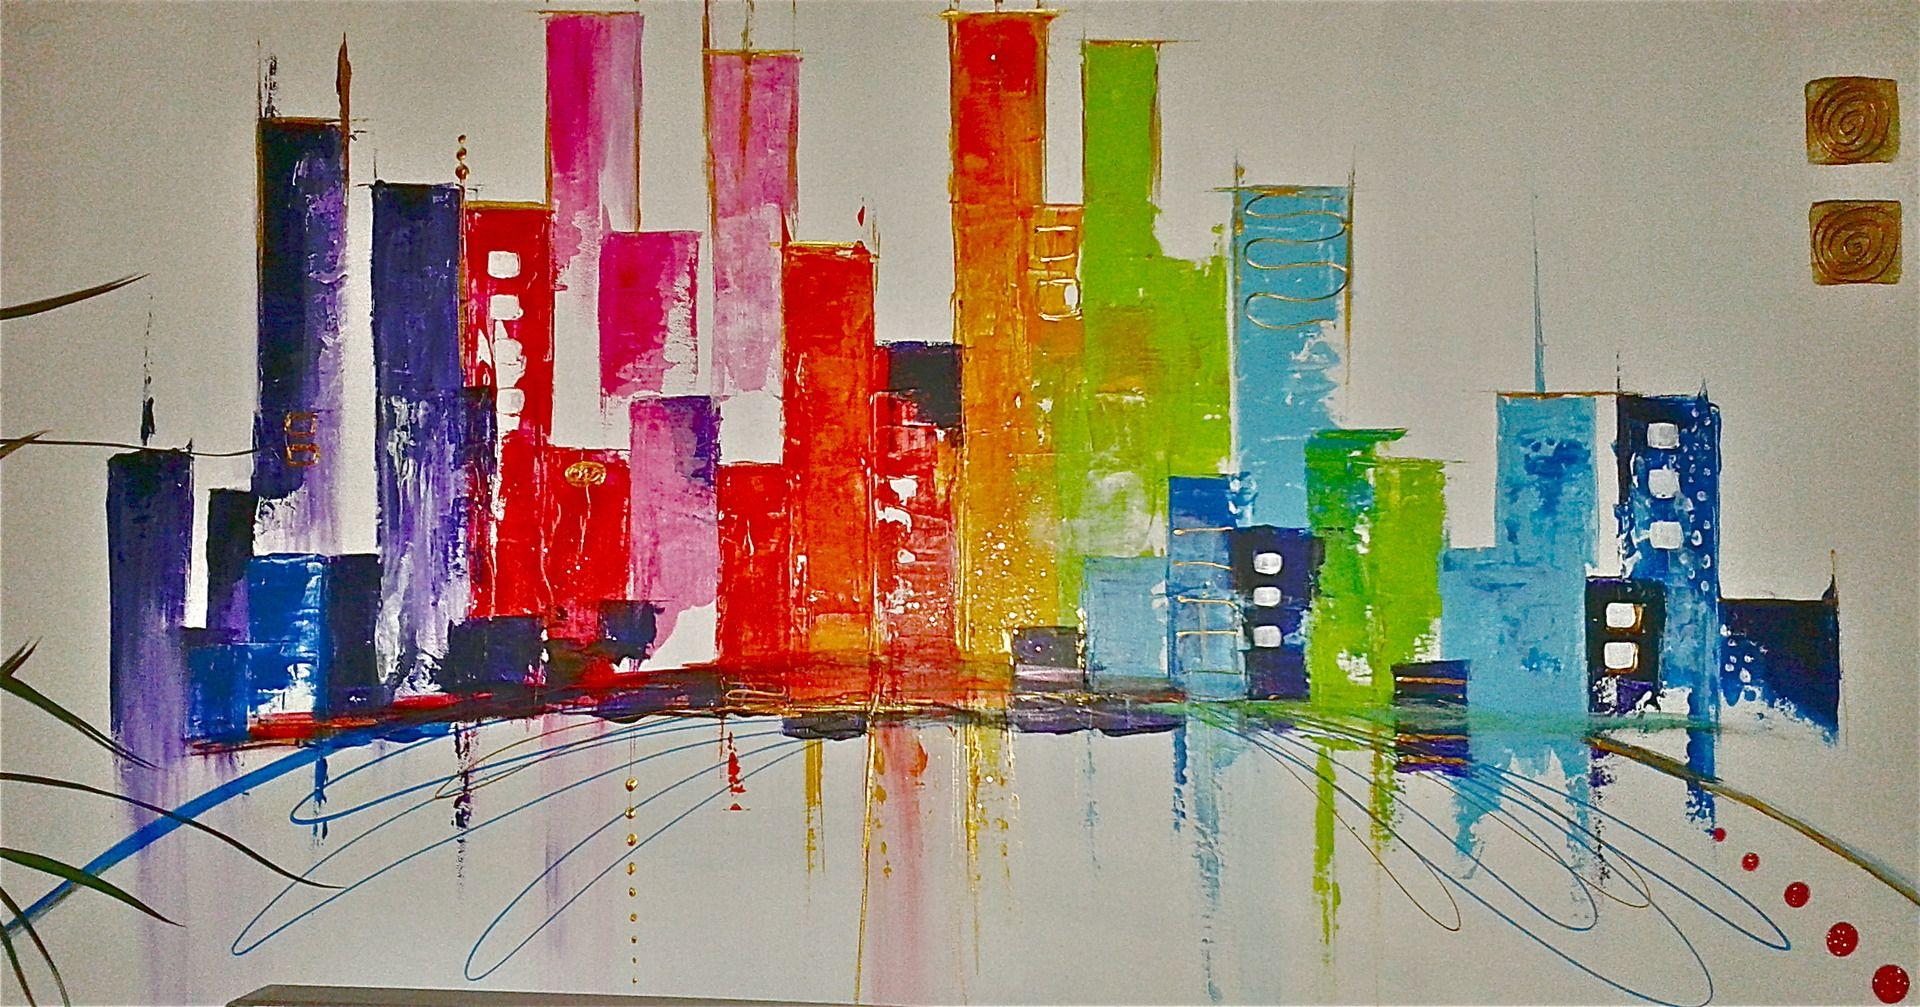 Le phare rouge peinture sur bois art abstrait fonds d for Toile abstraite